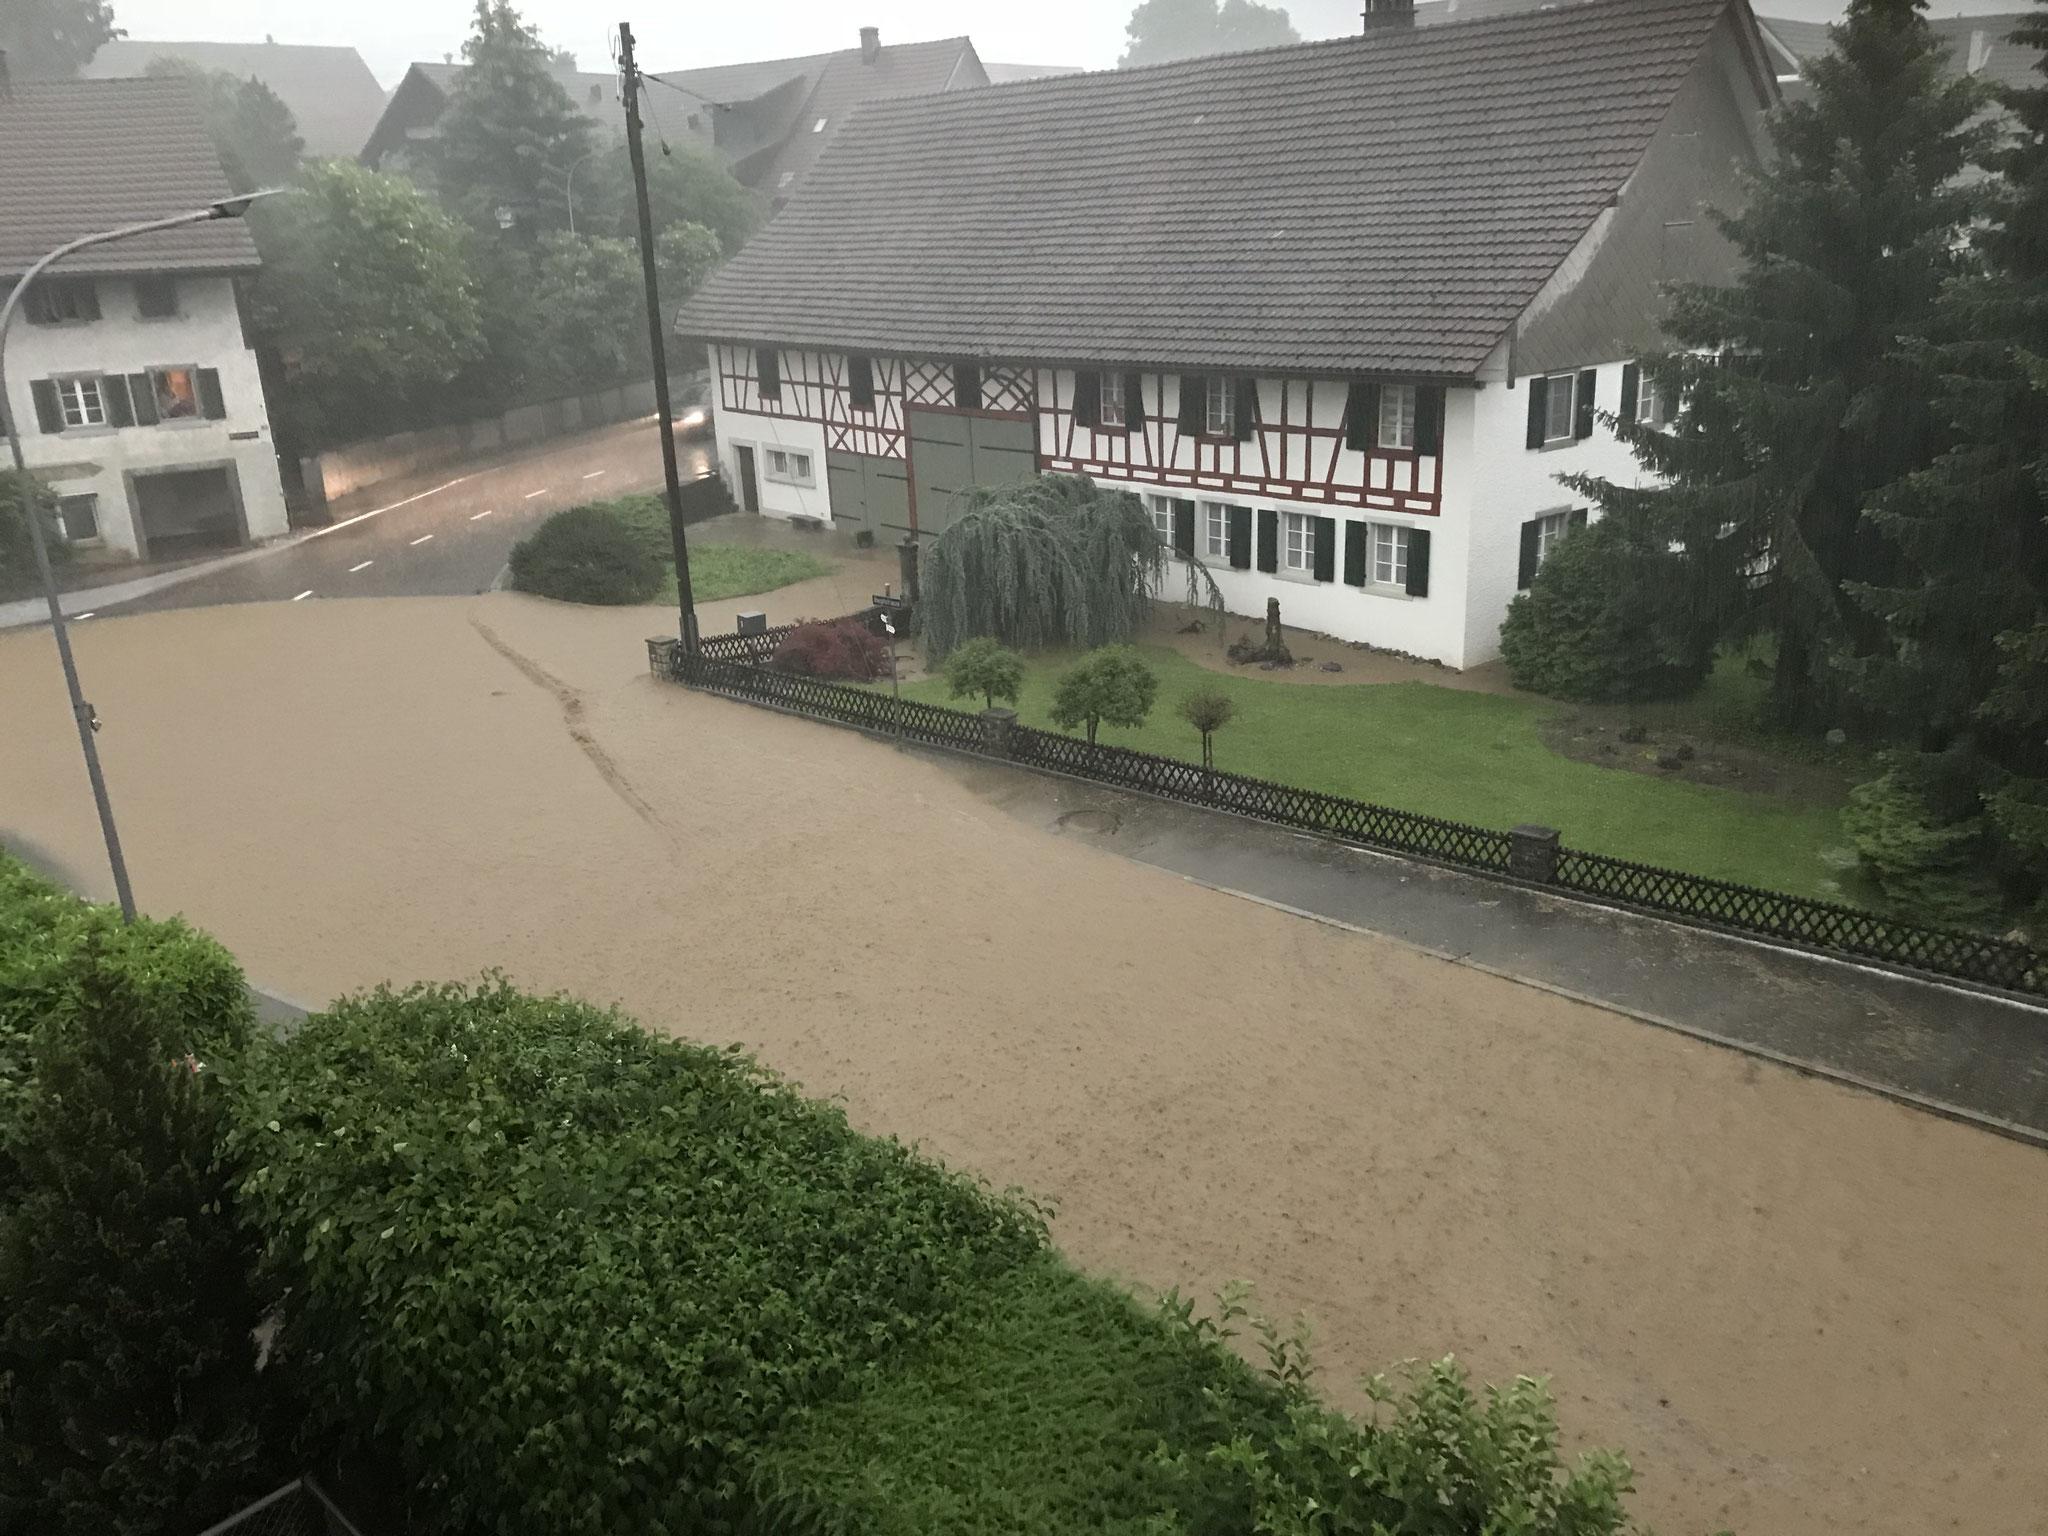 Über die Strasse abfliessendes Hochwasser (Bild: Private)